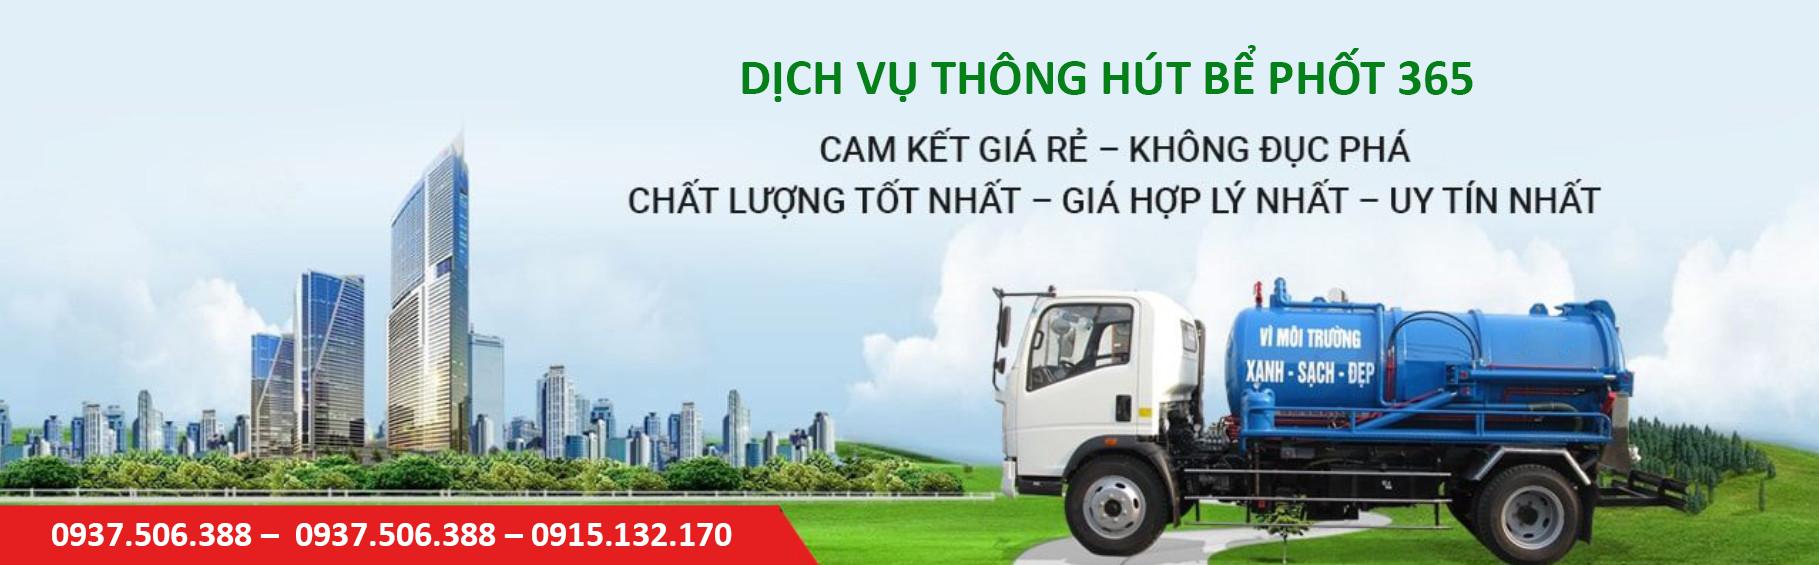 Thông cống giá rẻ tại phường 4 Đà Lạt tỉnh Lâm Đồng